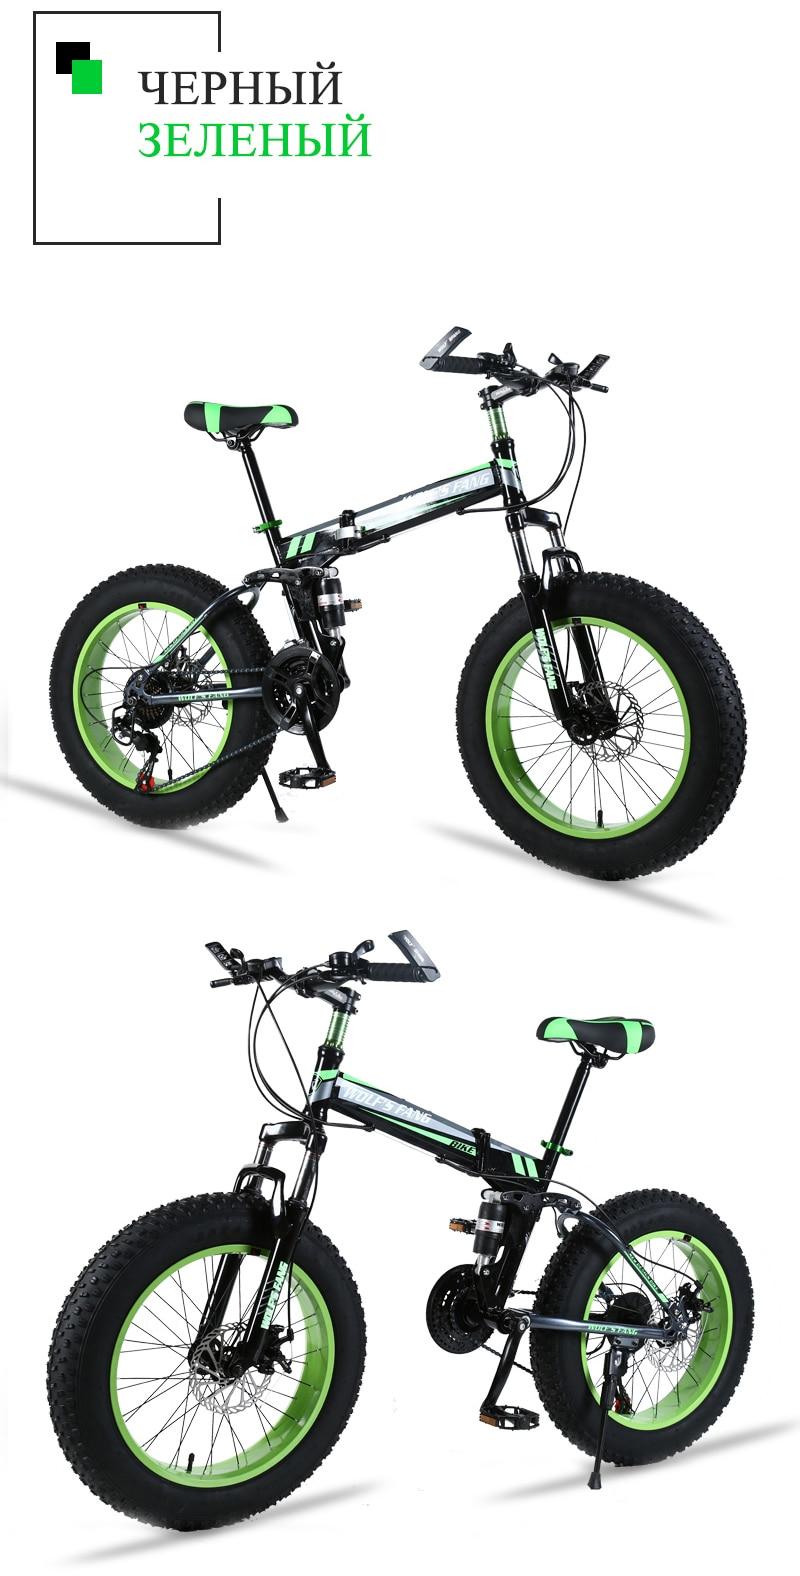 """Ha273c72891c84608958217d697e1ab89K wolf's fang Mountain Bike 20""""x 4.0 Folding Bicycle 21 speed road bike fat bike variable speed bike Mechanical Disc Brake"""